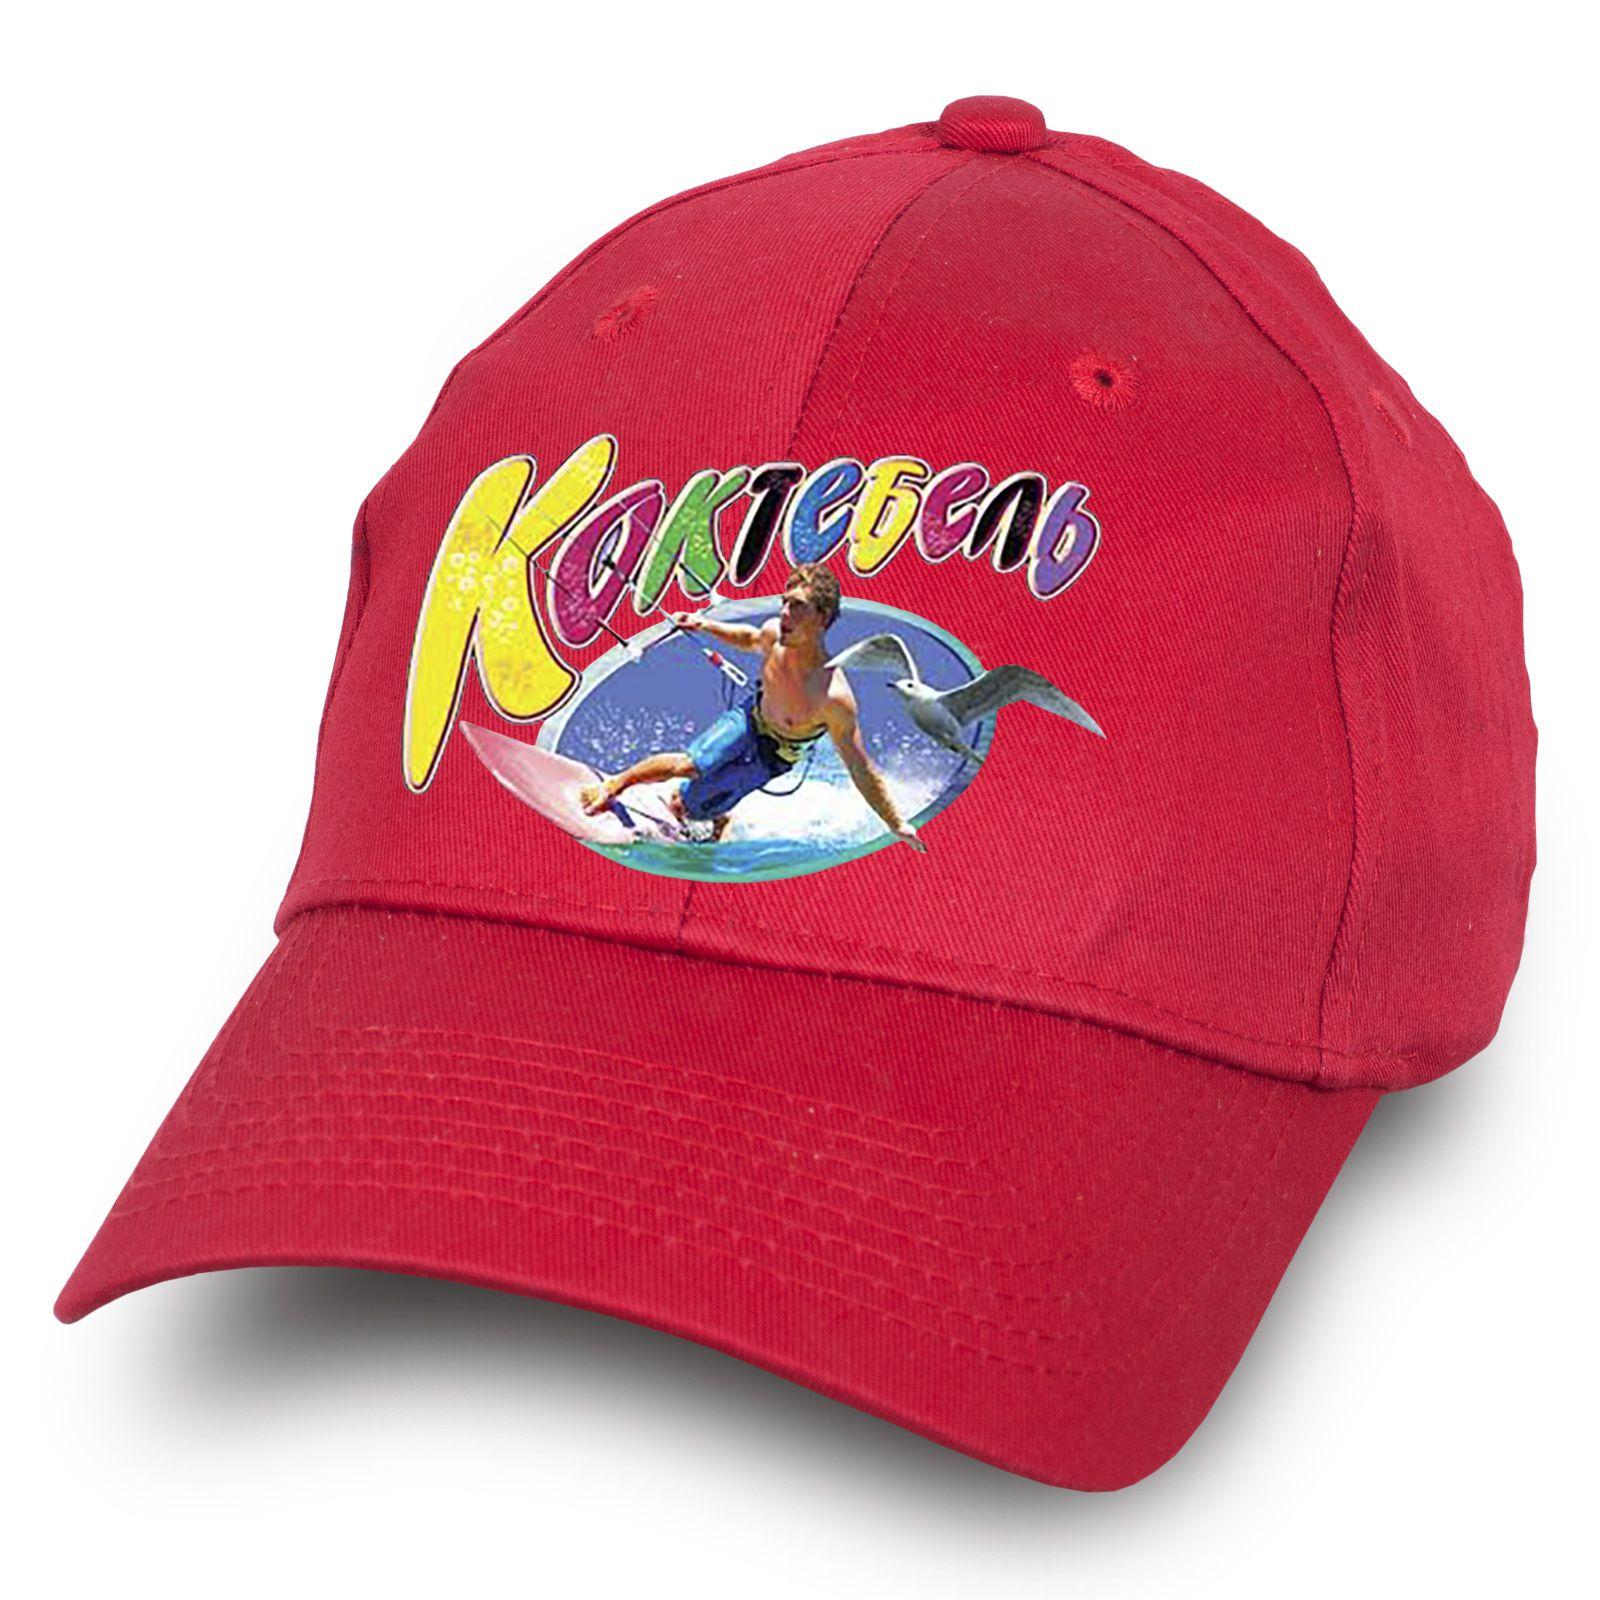 """Красная кепка """"Коктебельский экстрим"""" - заказать недорого в интернет-магазине"""